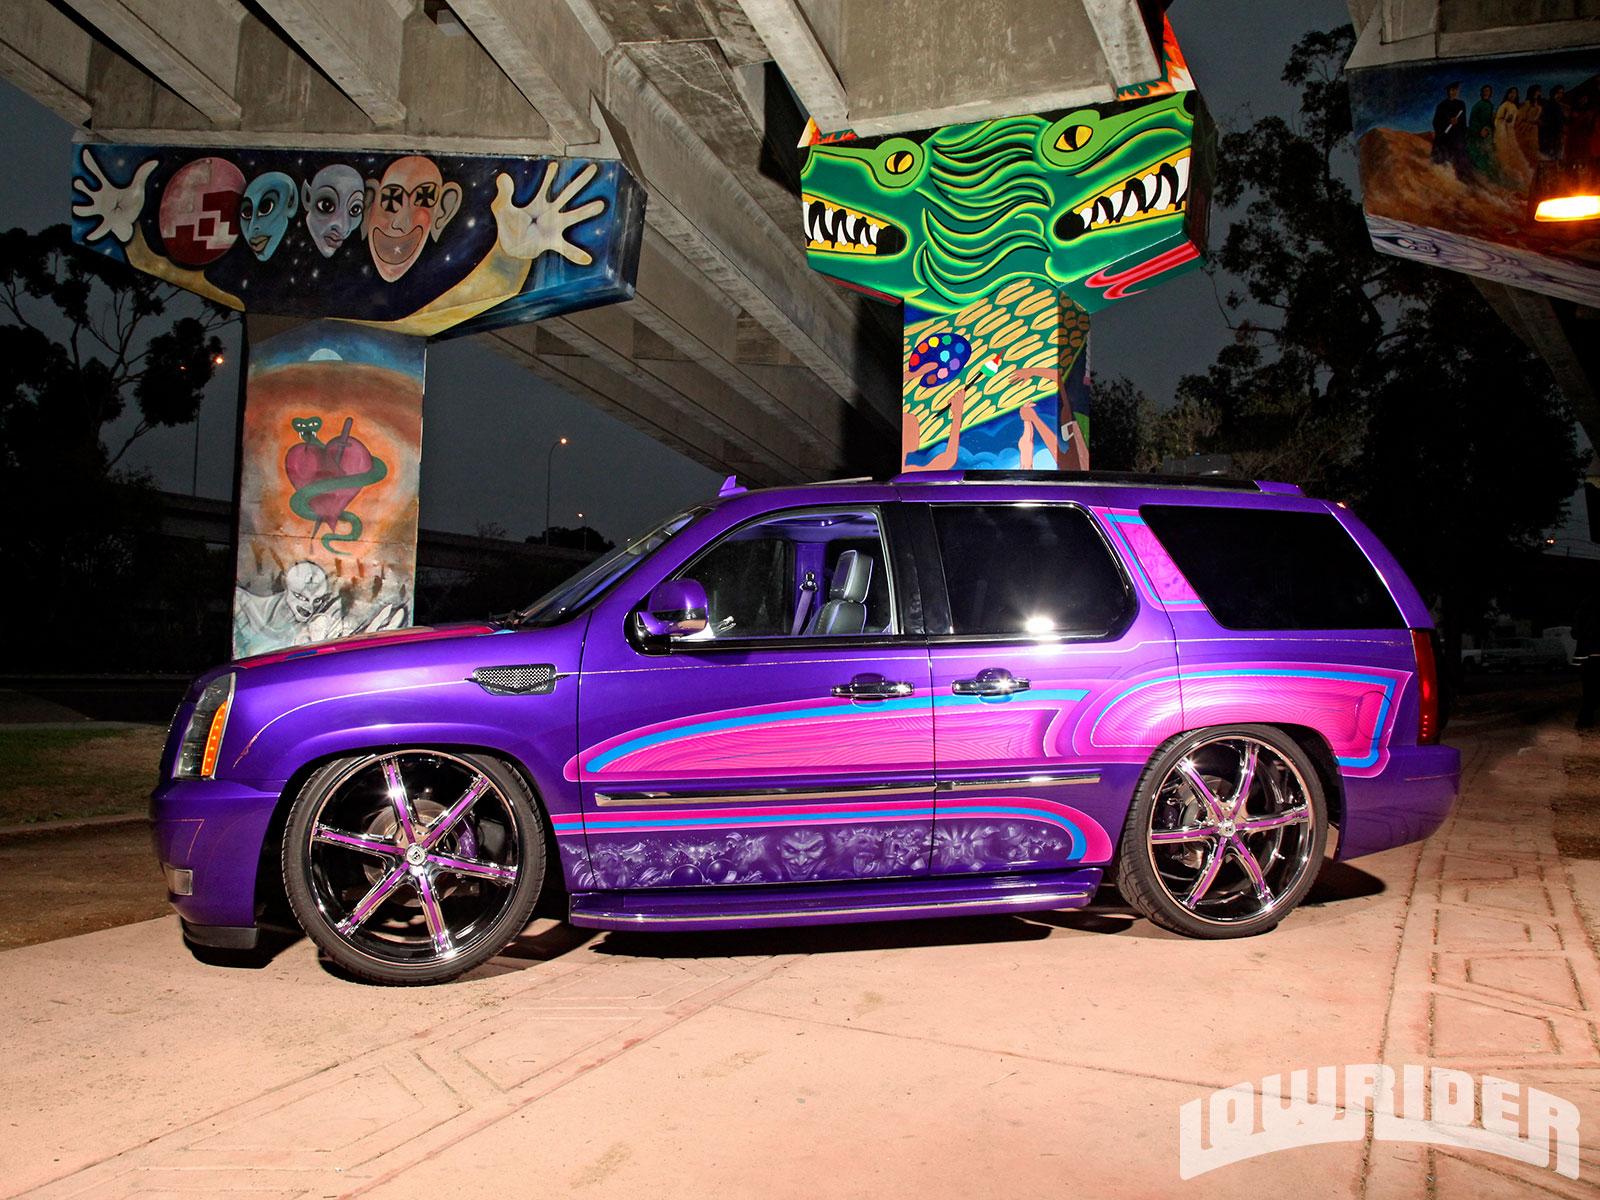 2007 Cadillac Escalade - La Barbie - Lowrider Magazine